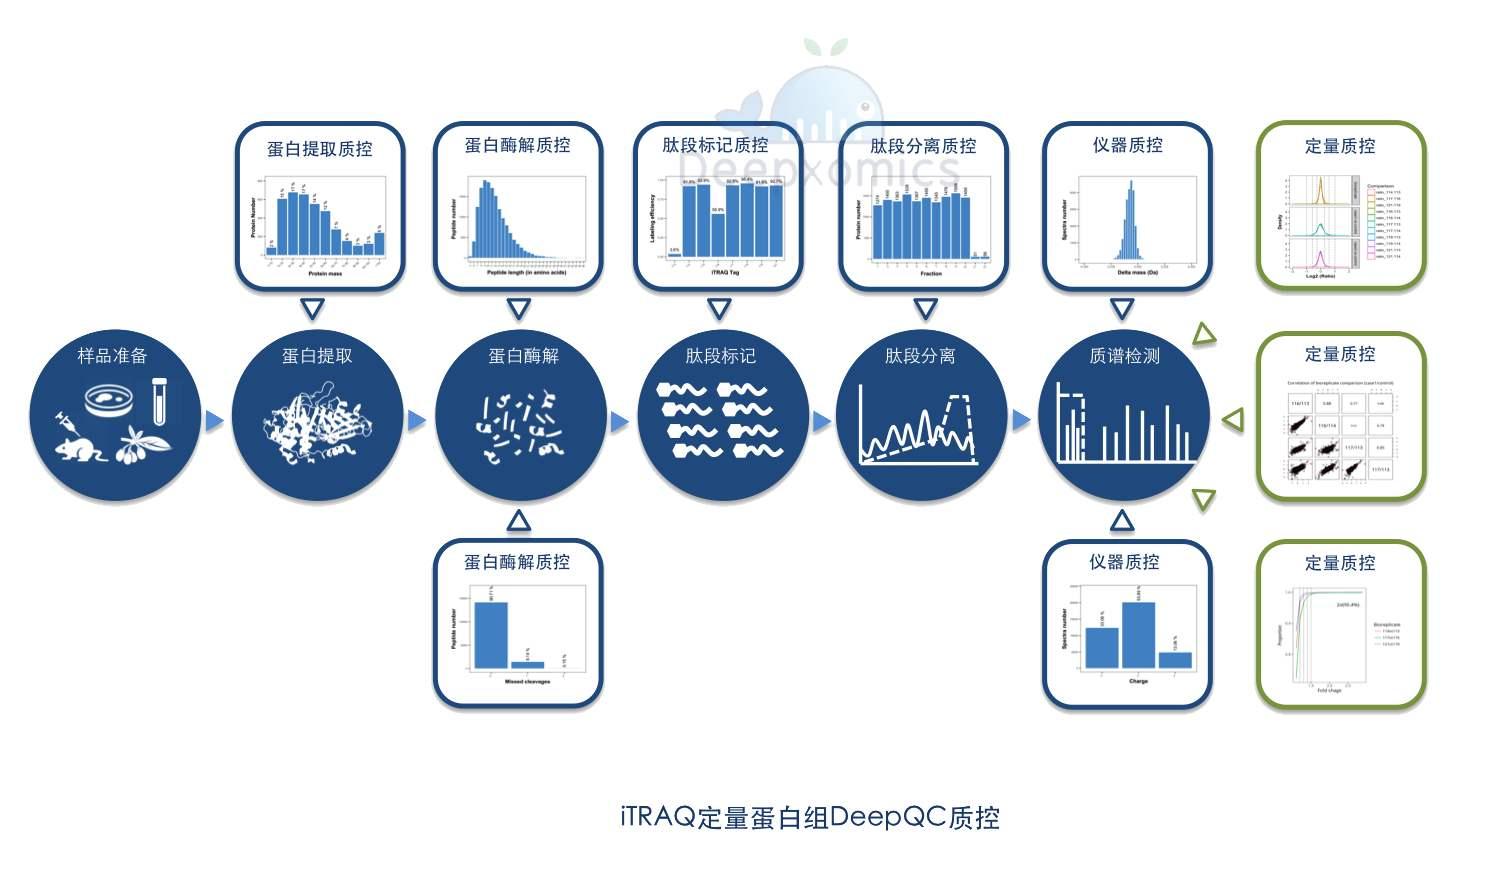 iTRAQ标记定量蛋白质组学技术服务